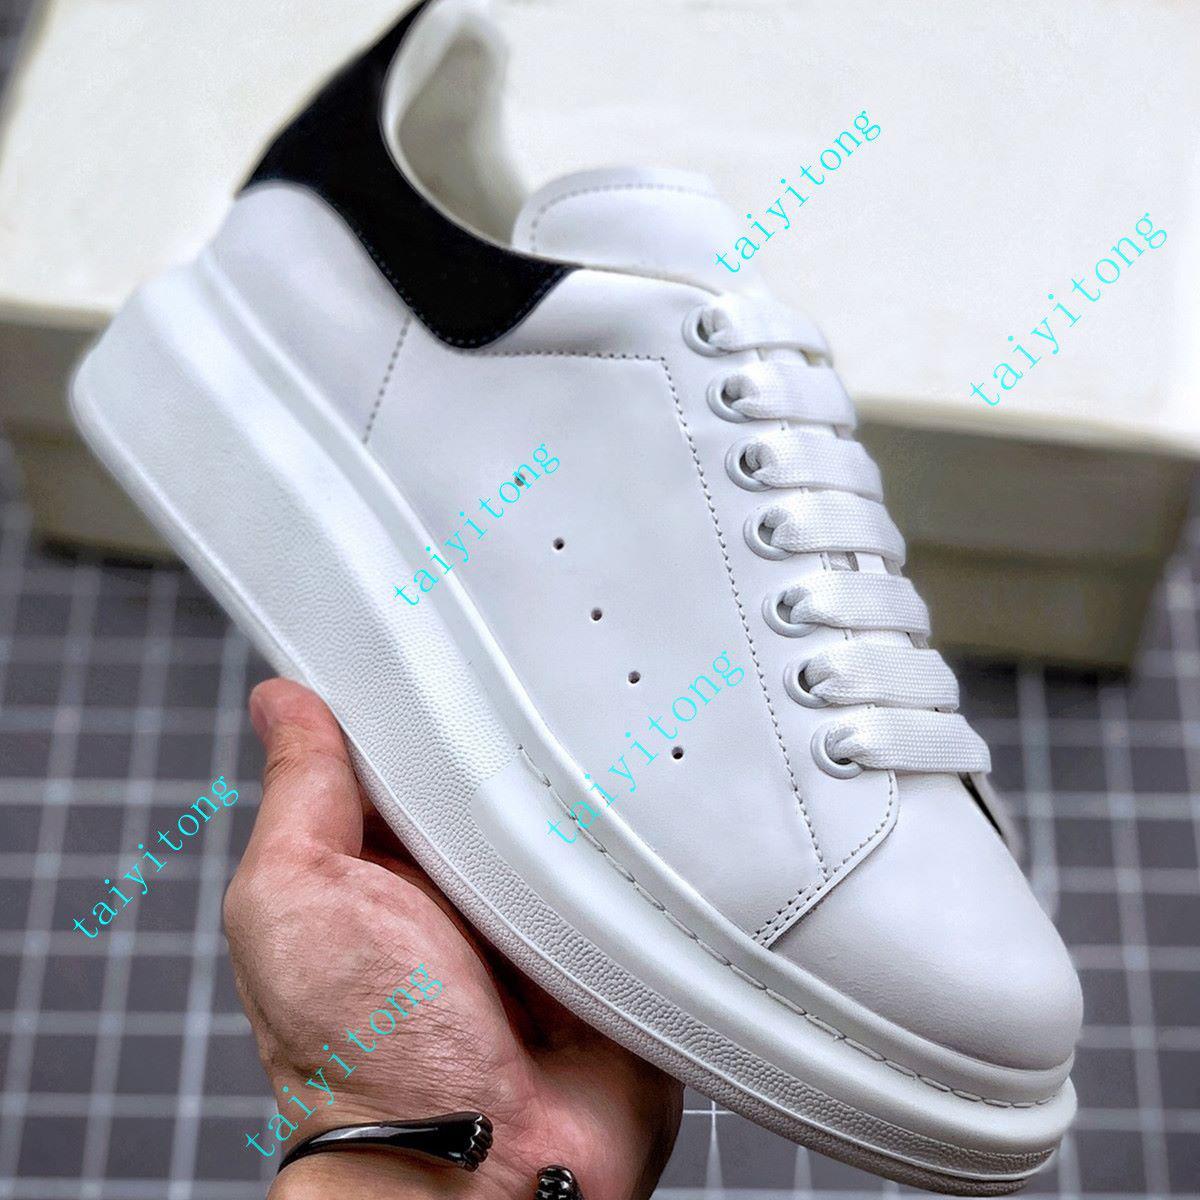 أزياء المرأة الأحذية عالية الجودة عارضة أحذية الرجال أحذية جلدية المخملية أسود أبيض أحمر مريح ارتفاع شقة زيادة الأحذية حجم 35-45